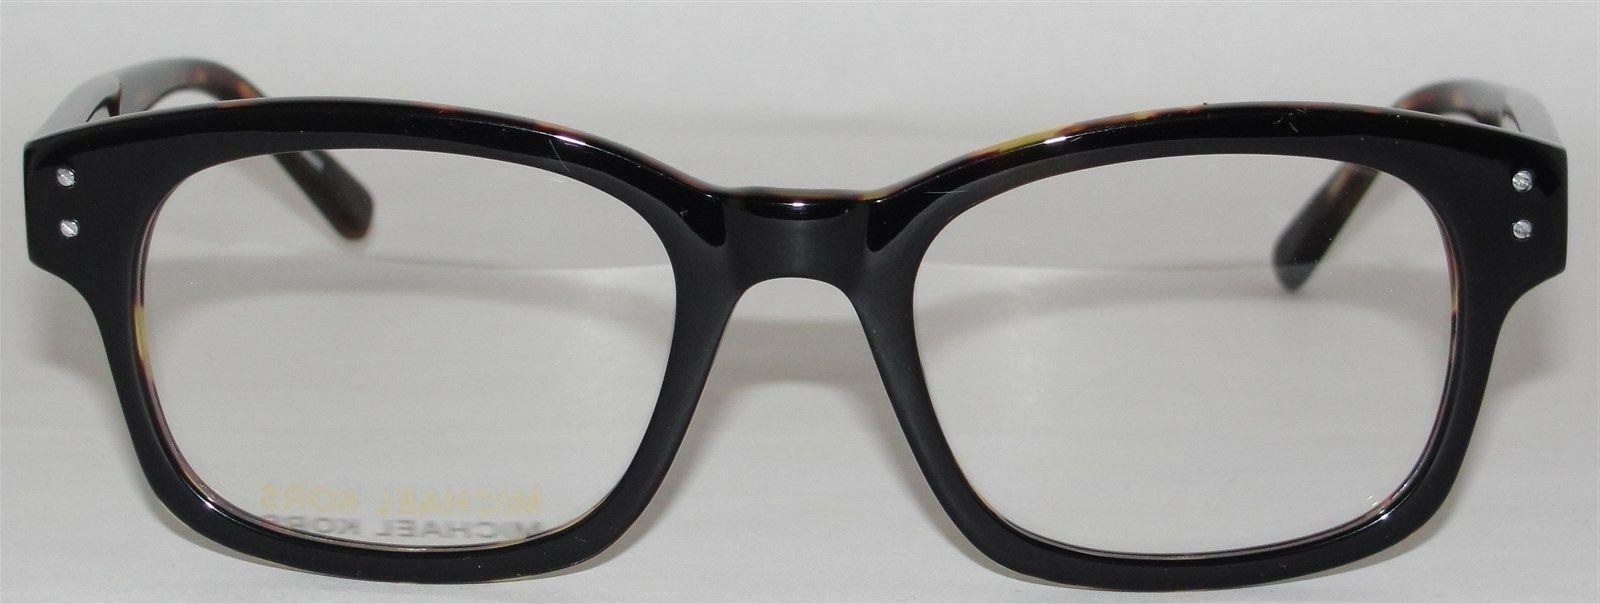 men s women s eyeglasses mk273 078